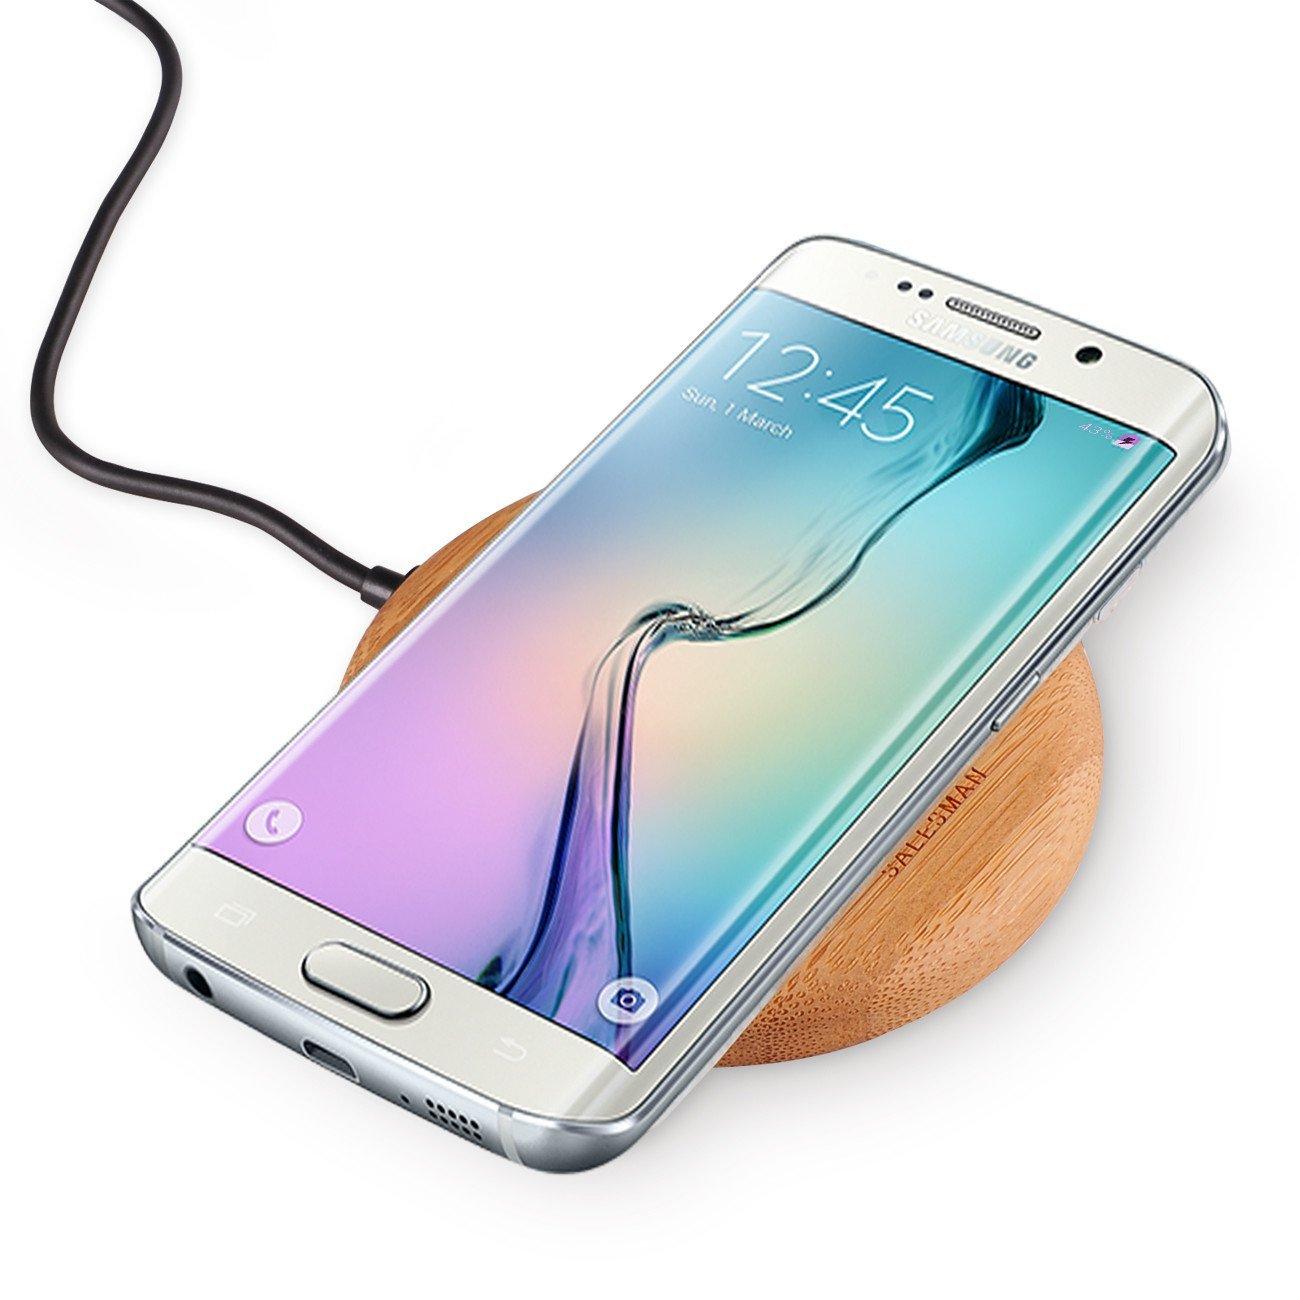 Cargadores inalámbricos para los nuevos Samsung Galaxy S6 y S6 Edge